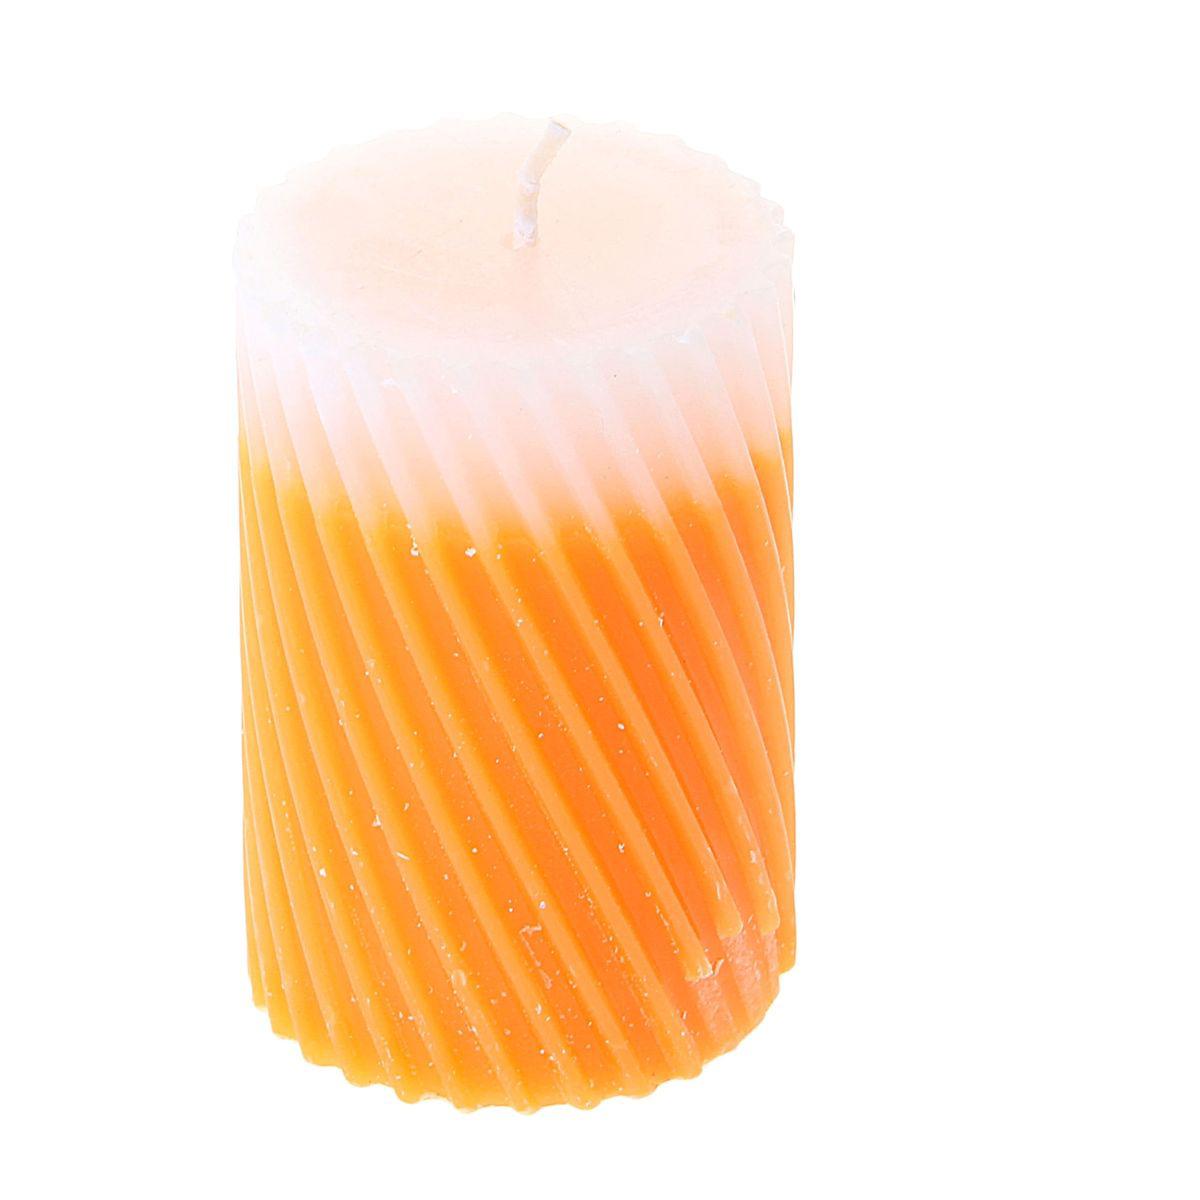 Свеча ароматизированная Sima-land Дыня, высота 7,5 см. 849534 свеча ароматизированная sima land лимон на подставке высота 6 см